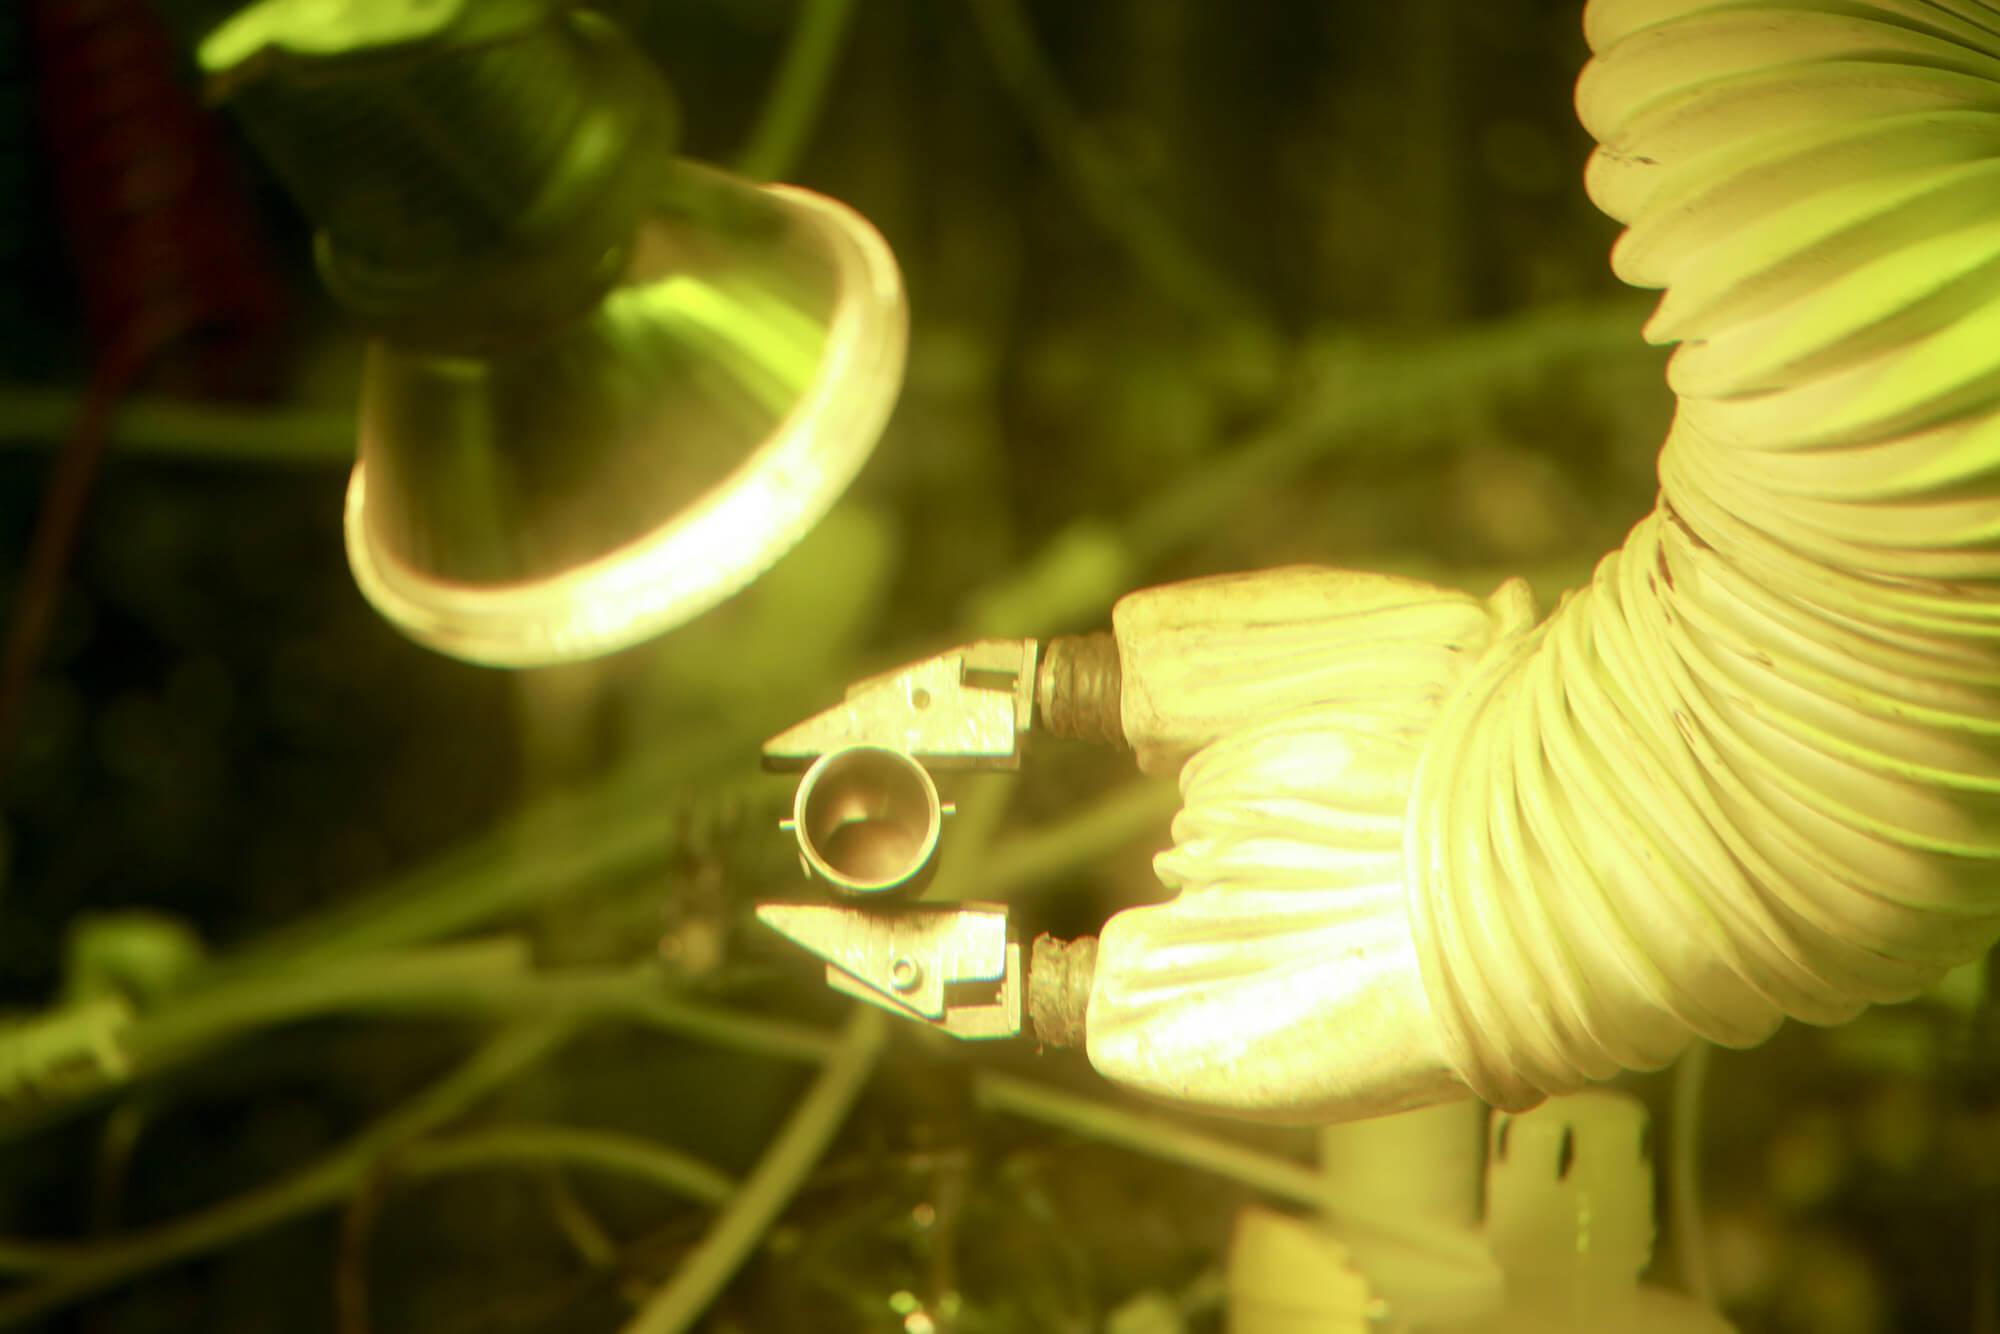 Ядерный реактор в груди: как работают кардиостимуляторы с вечной батарейкой?